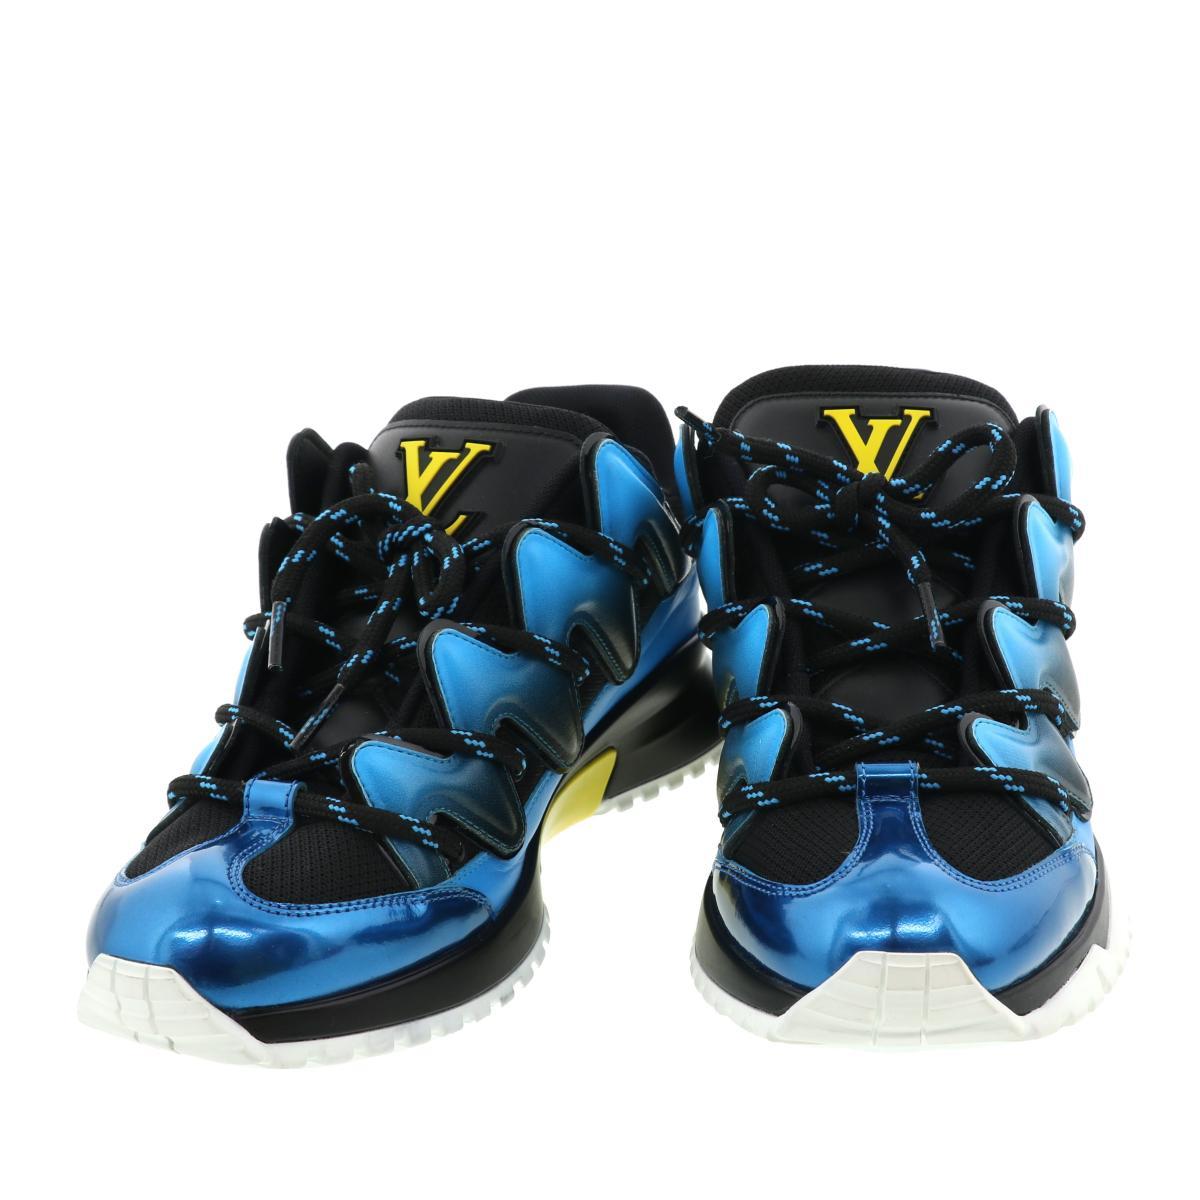 LOUIS VUITTON ルイヴィトン ヴィトン LV モノグラム ダミエ ヴェルニ エピ 完全送料無料 バッグ アルマ キーポル 日本産 ロゴ ネヴァーフル パピヨン Logo ポルトフォイユ ソミュール Sneakers 未使用品 ジグザグライン スニーカーブルー Zigzag スピーディ